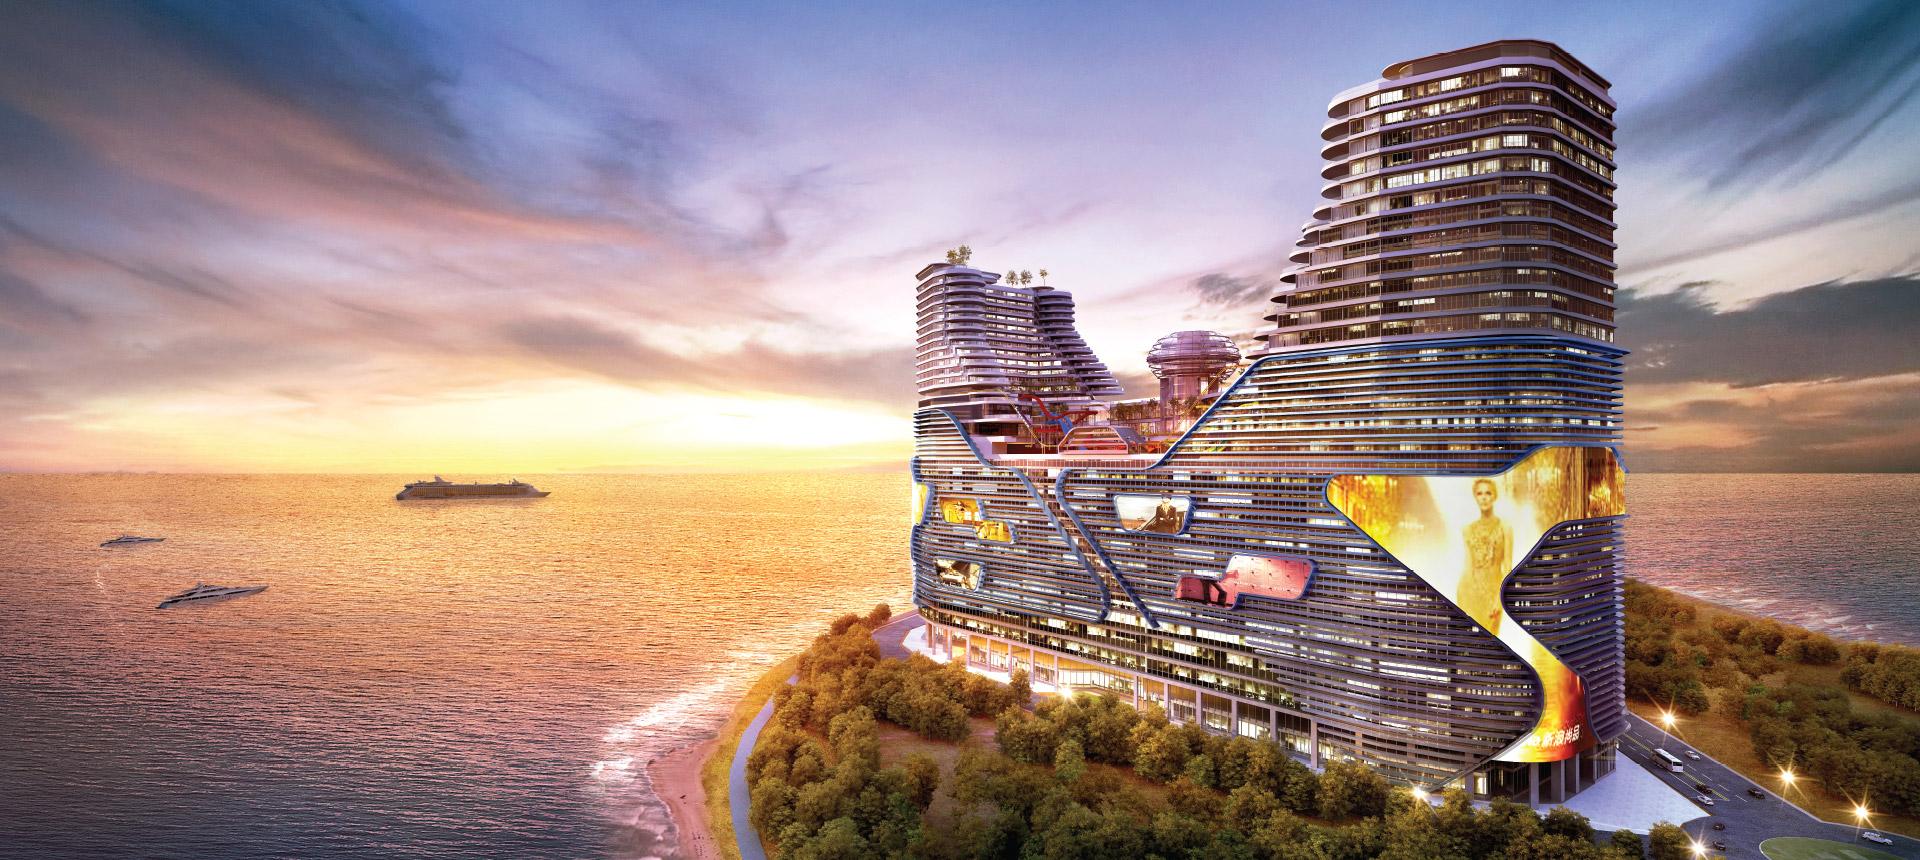 Harbour City, Melaka, Malaysia